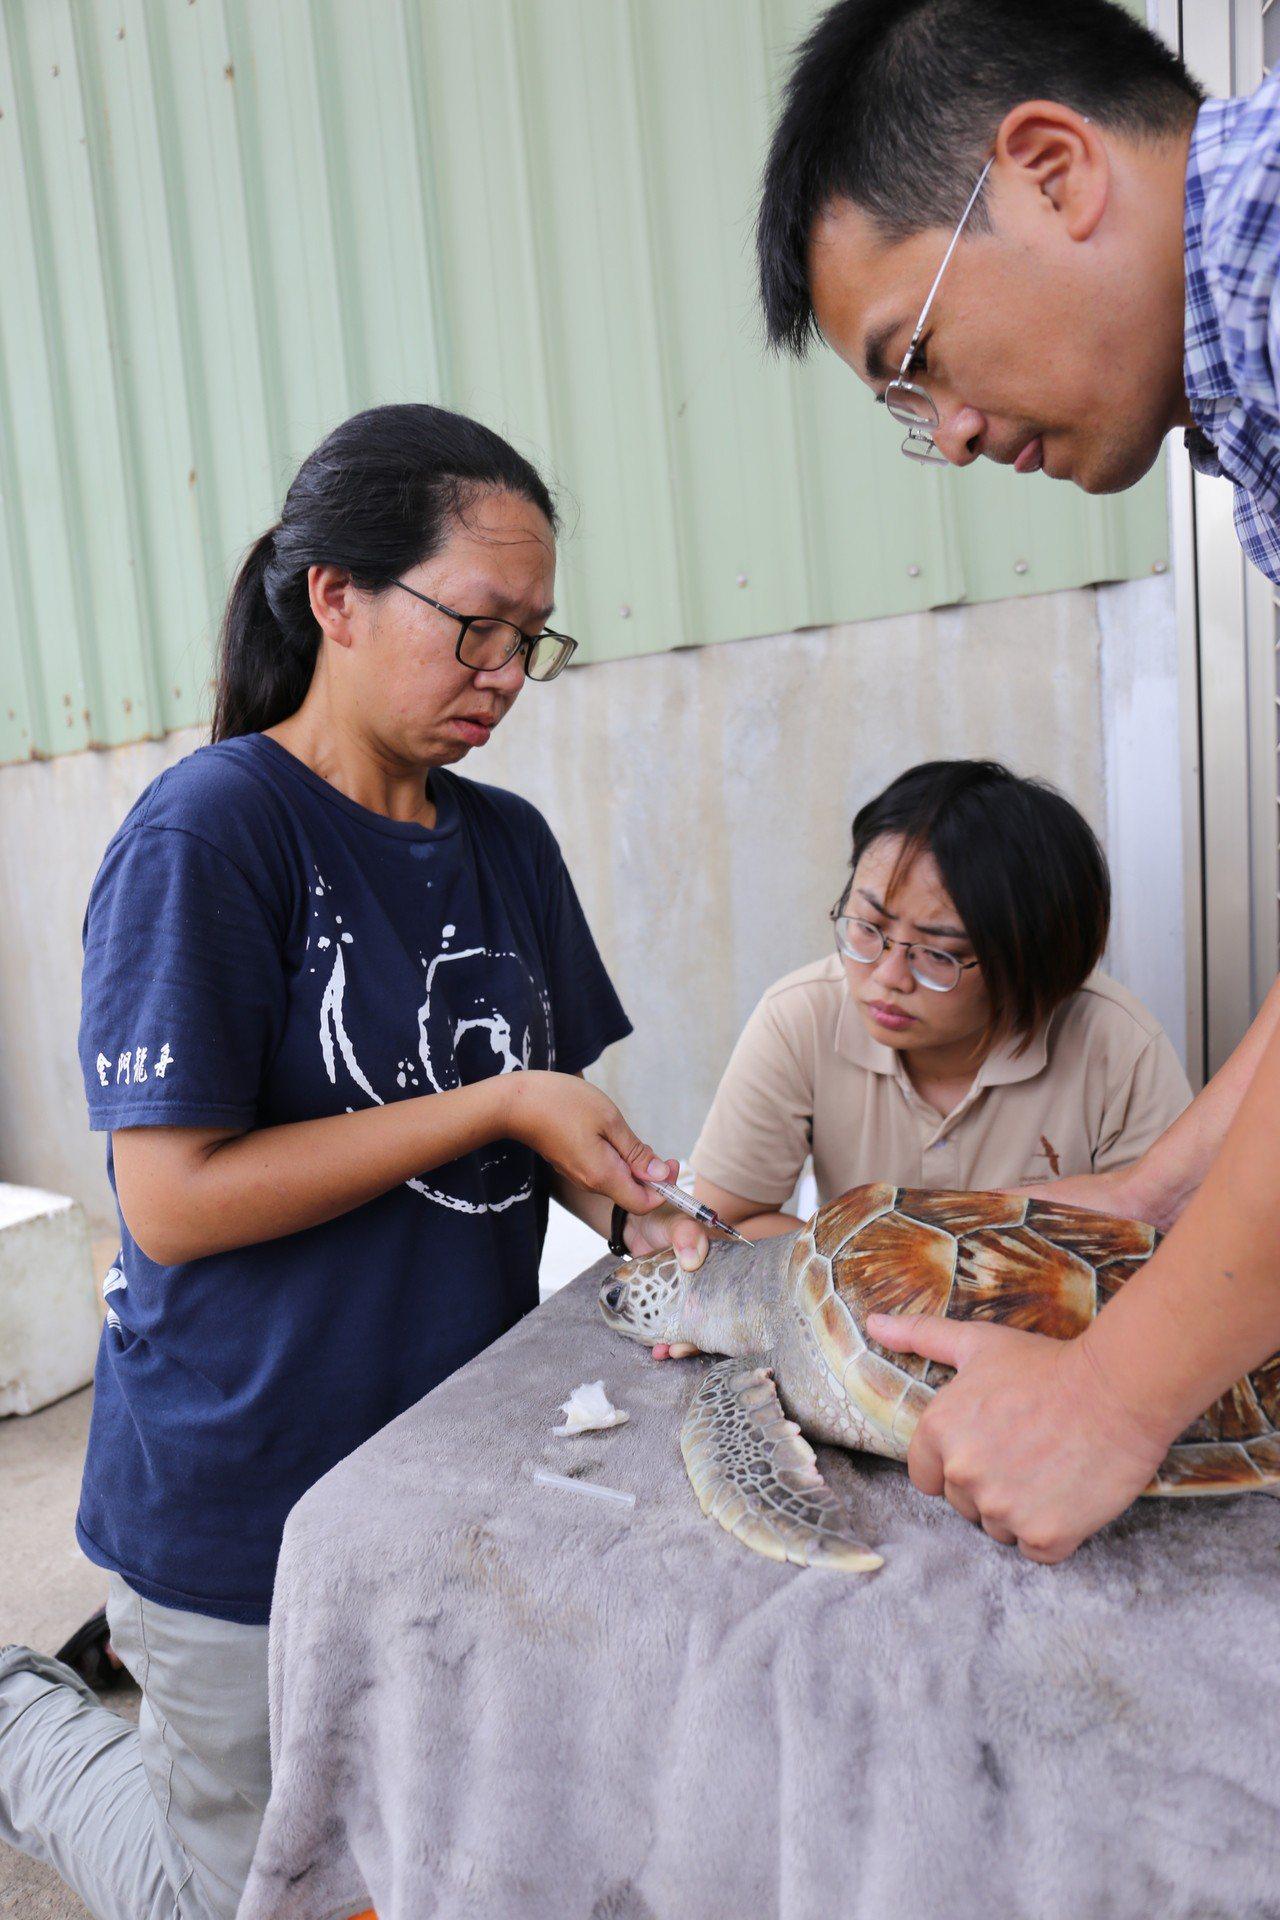 金門野生動物救援暨保育協會的獸醫與志工為海龜進行檢查與救治。協助打撈並進行救治。...